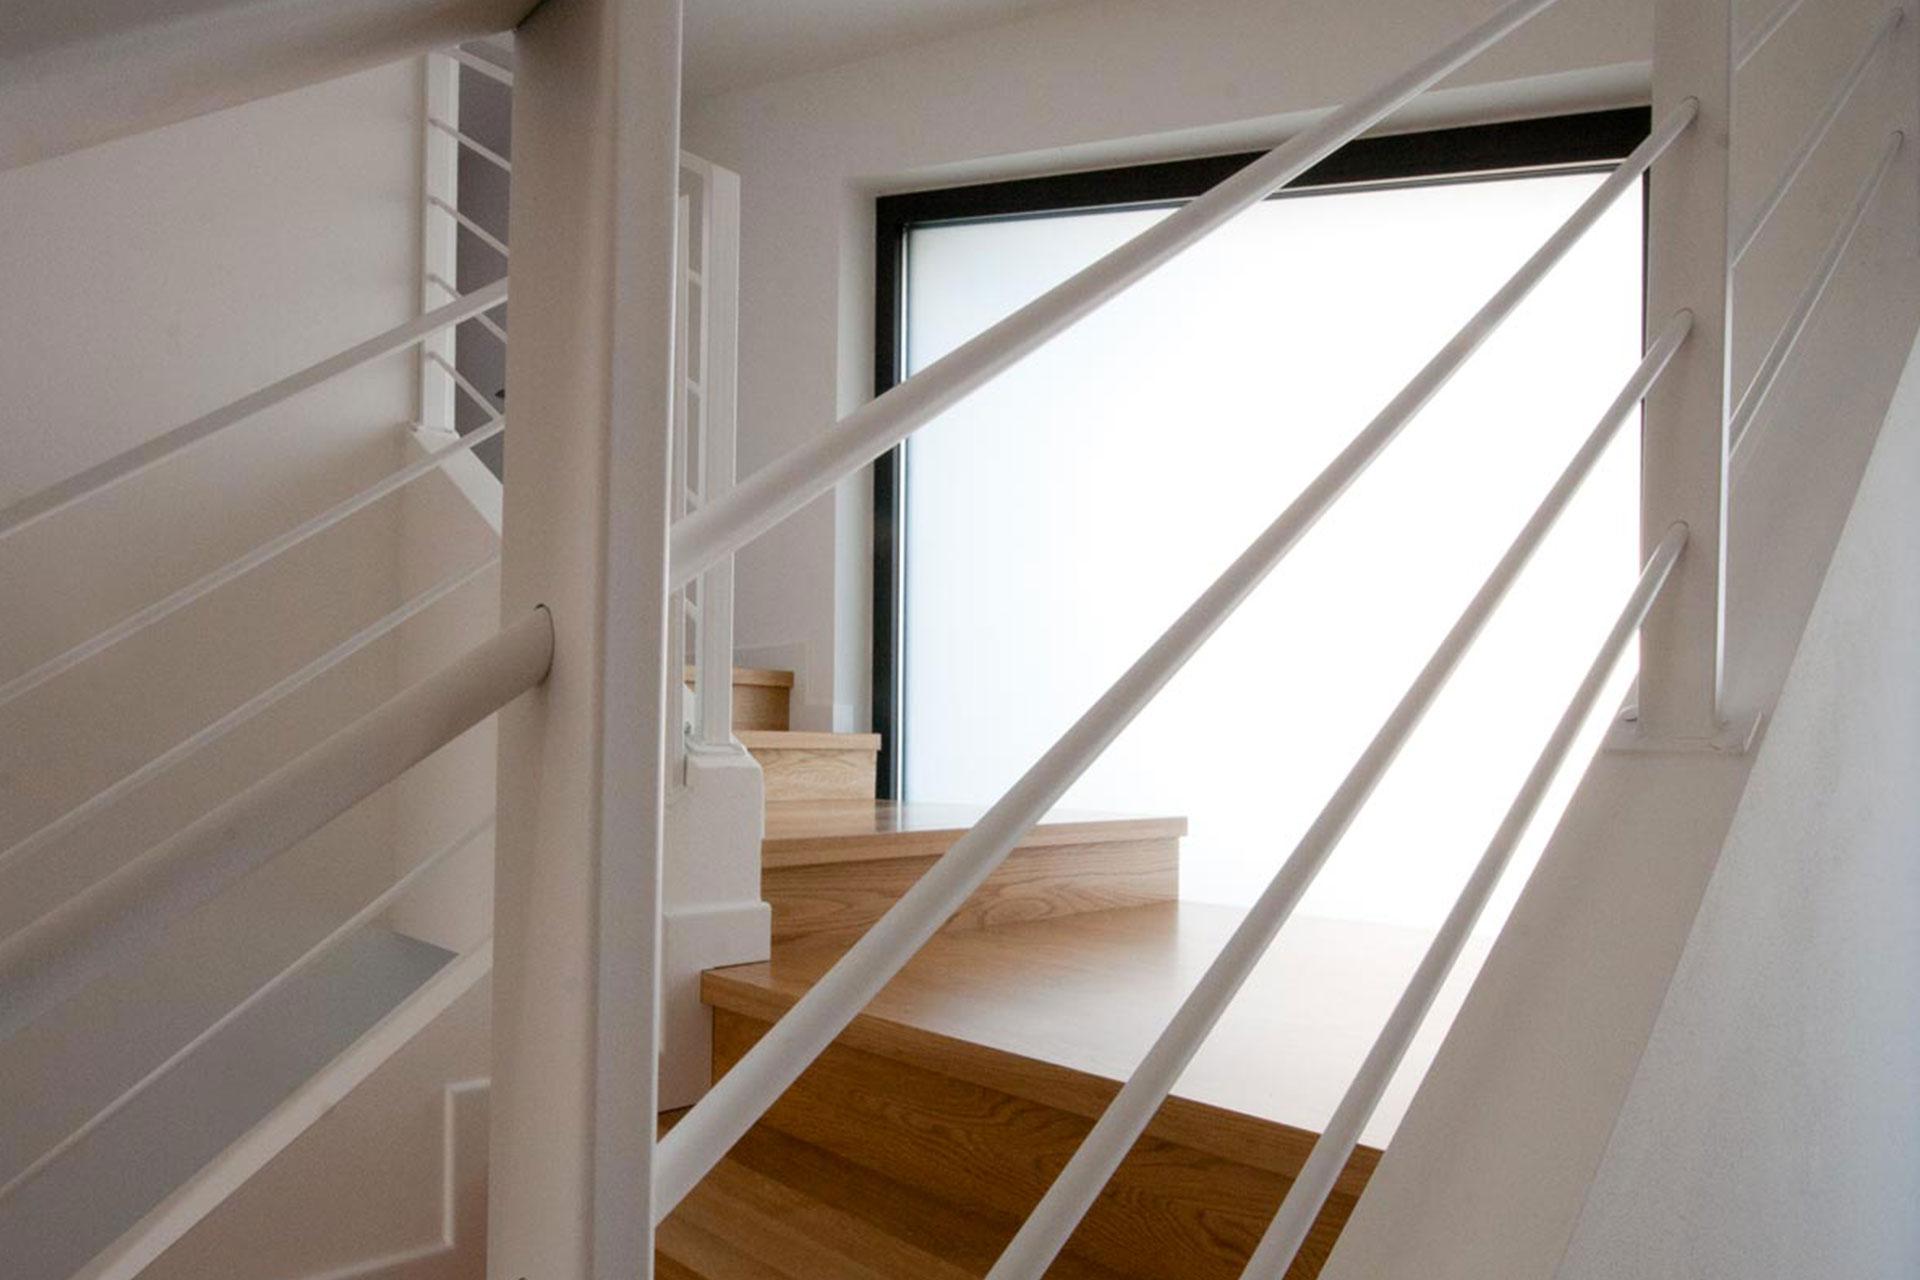 cancelli recinzioni carpenteria metallica albo serramenti ringhiere scale